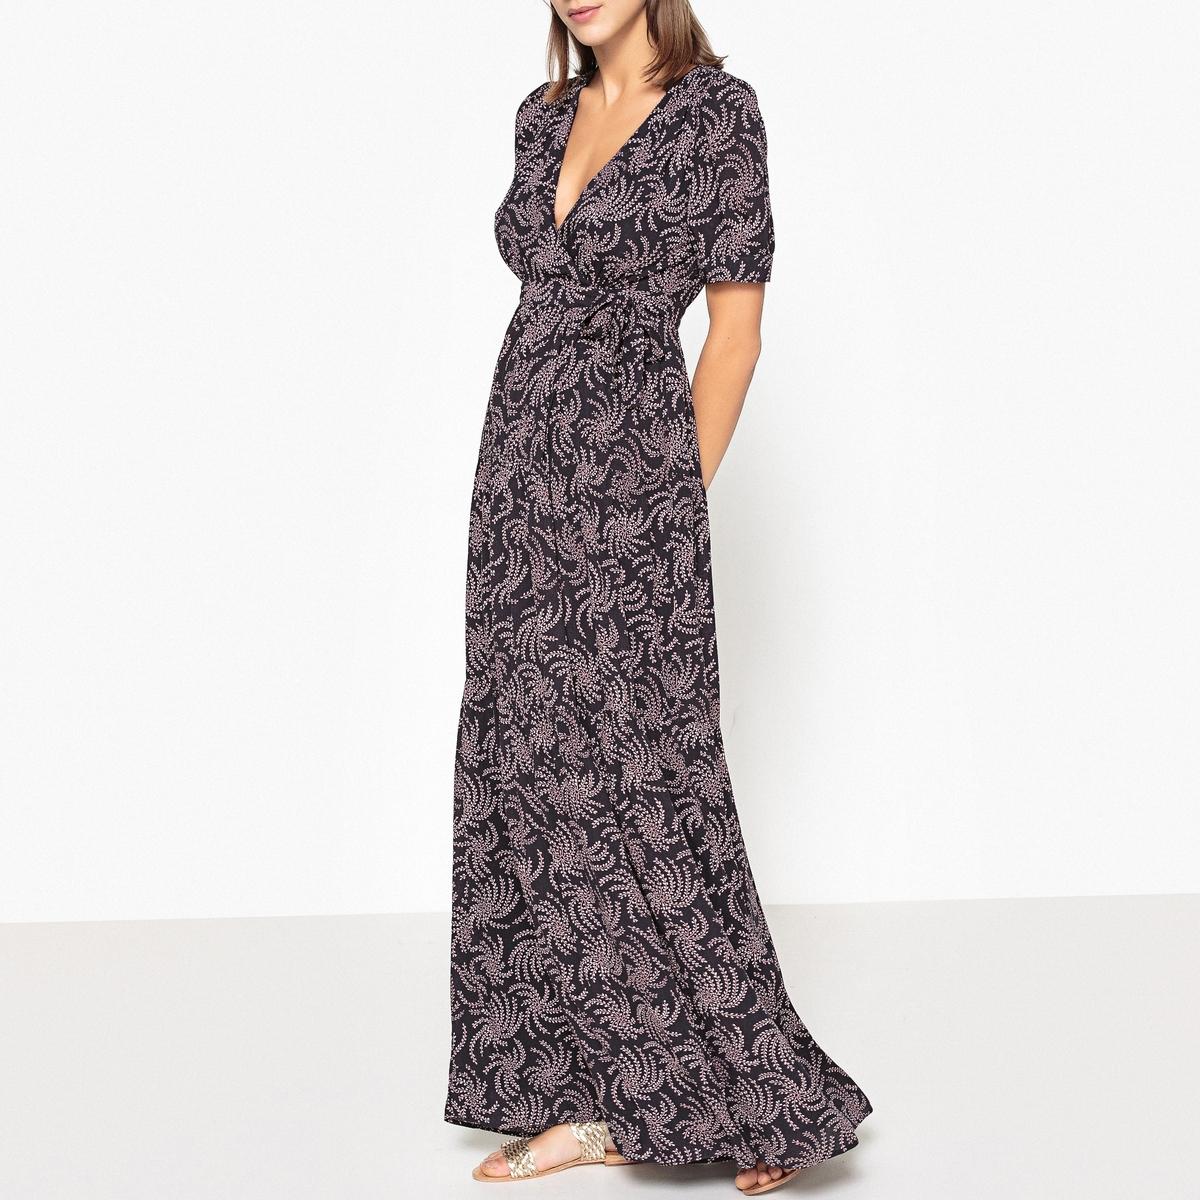 Длинное платье с запахом своими руками 83